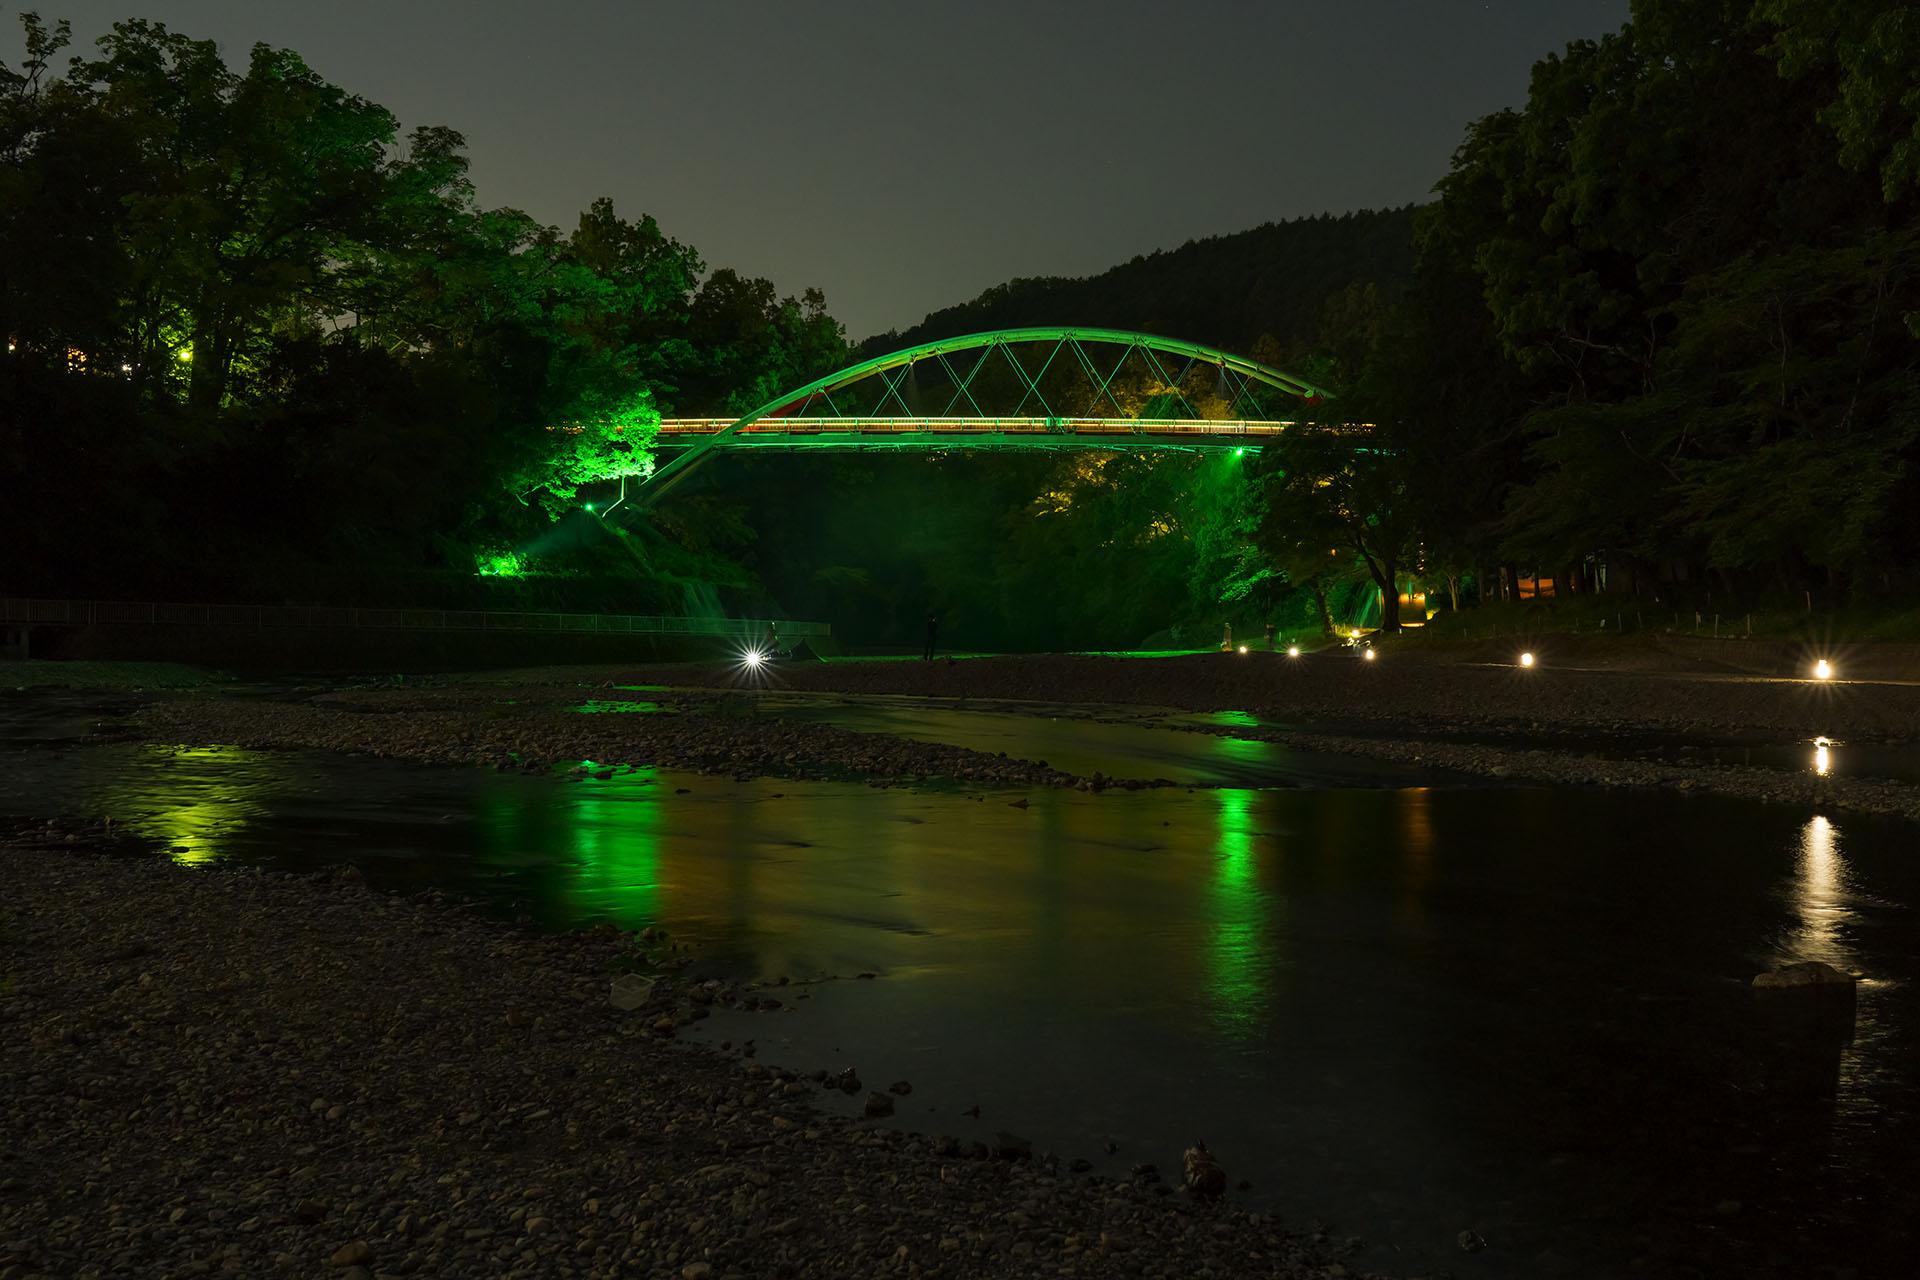 割岩橋のライトアップを初日に見てきた